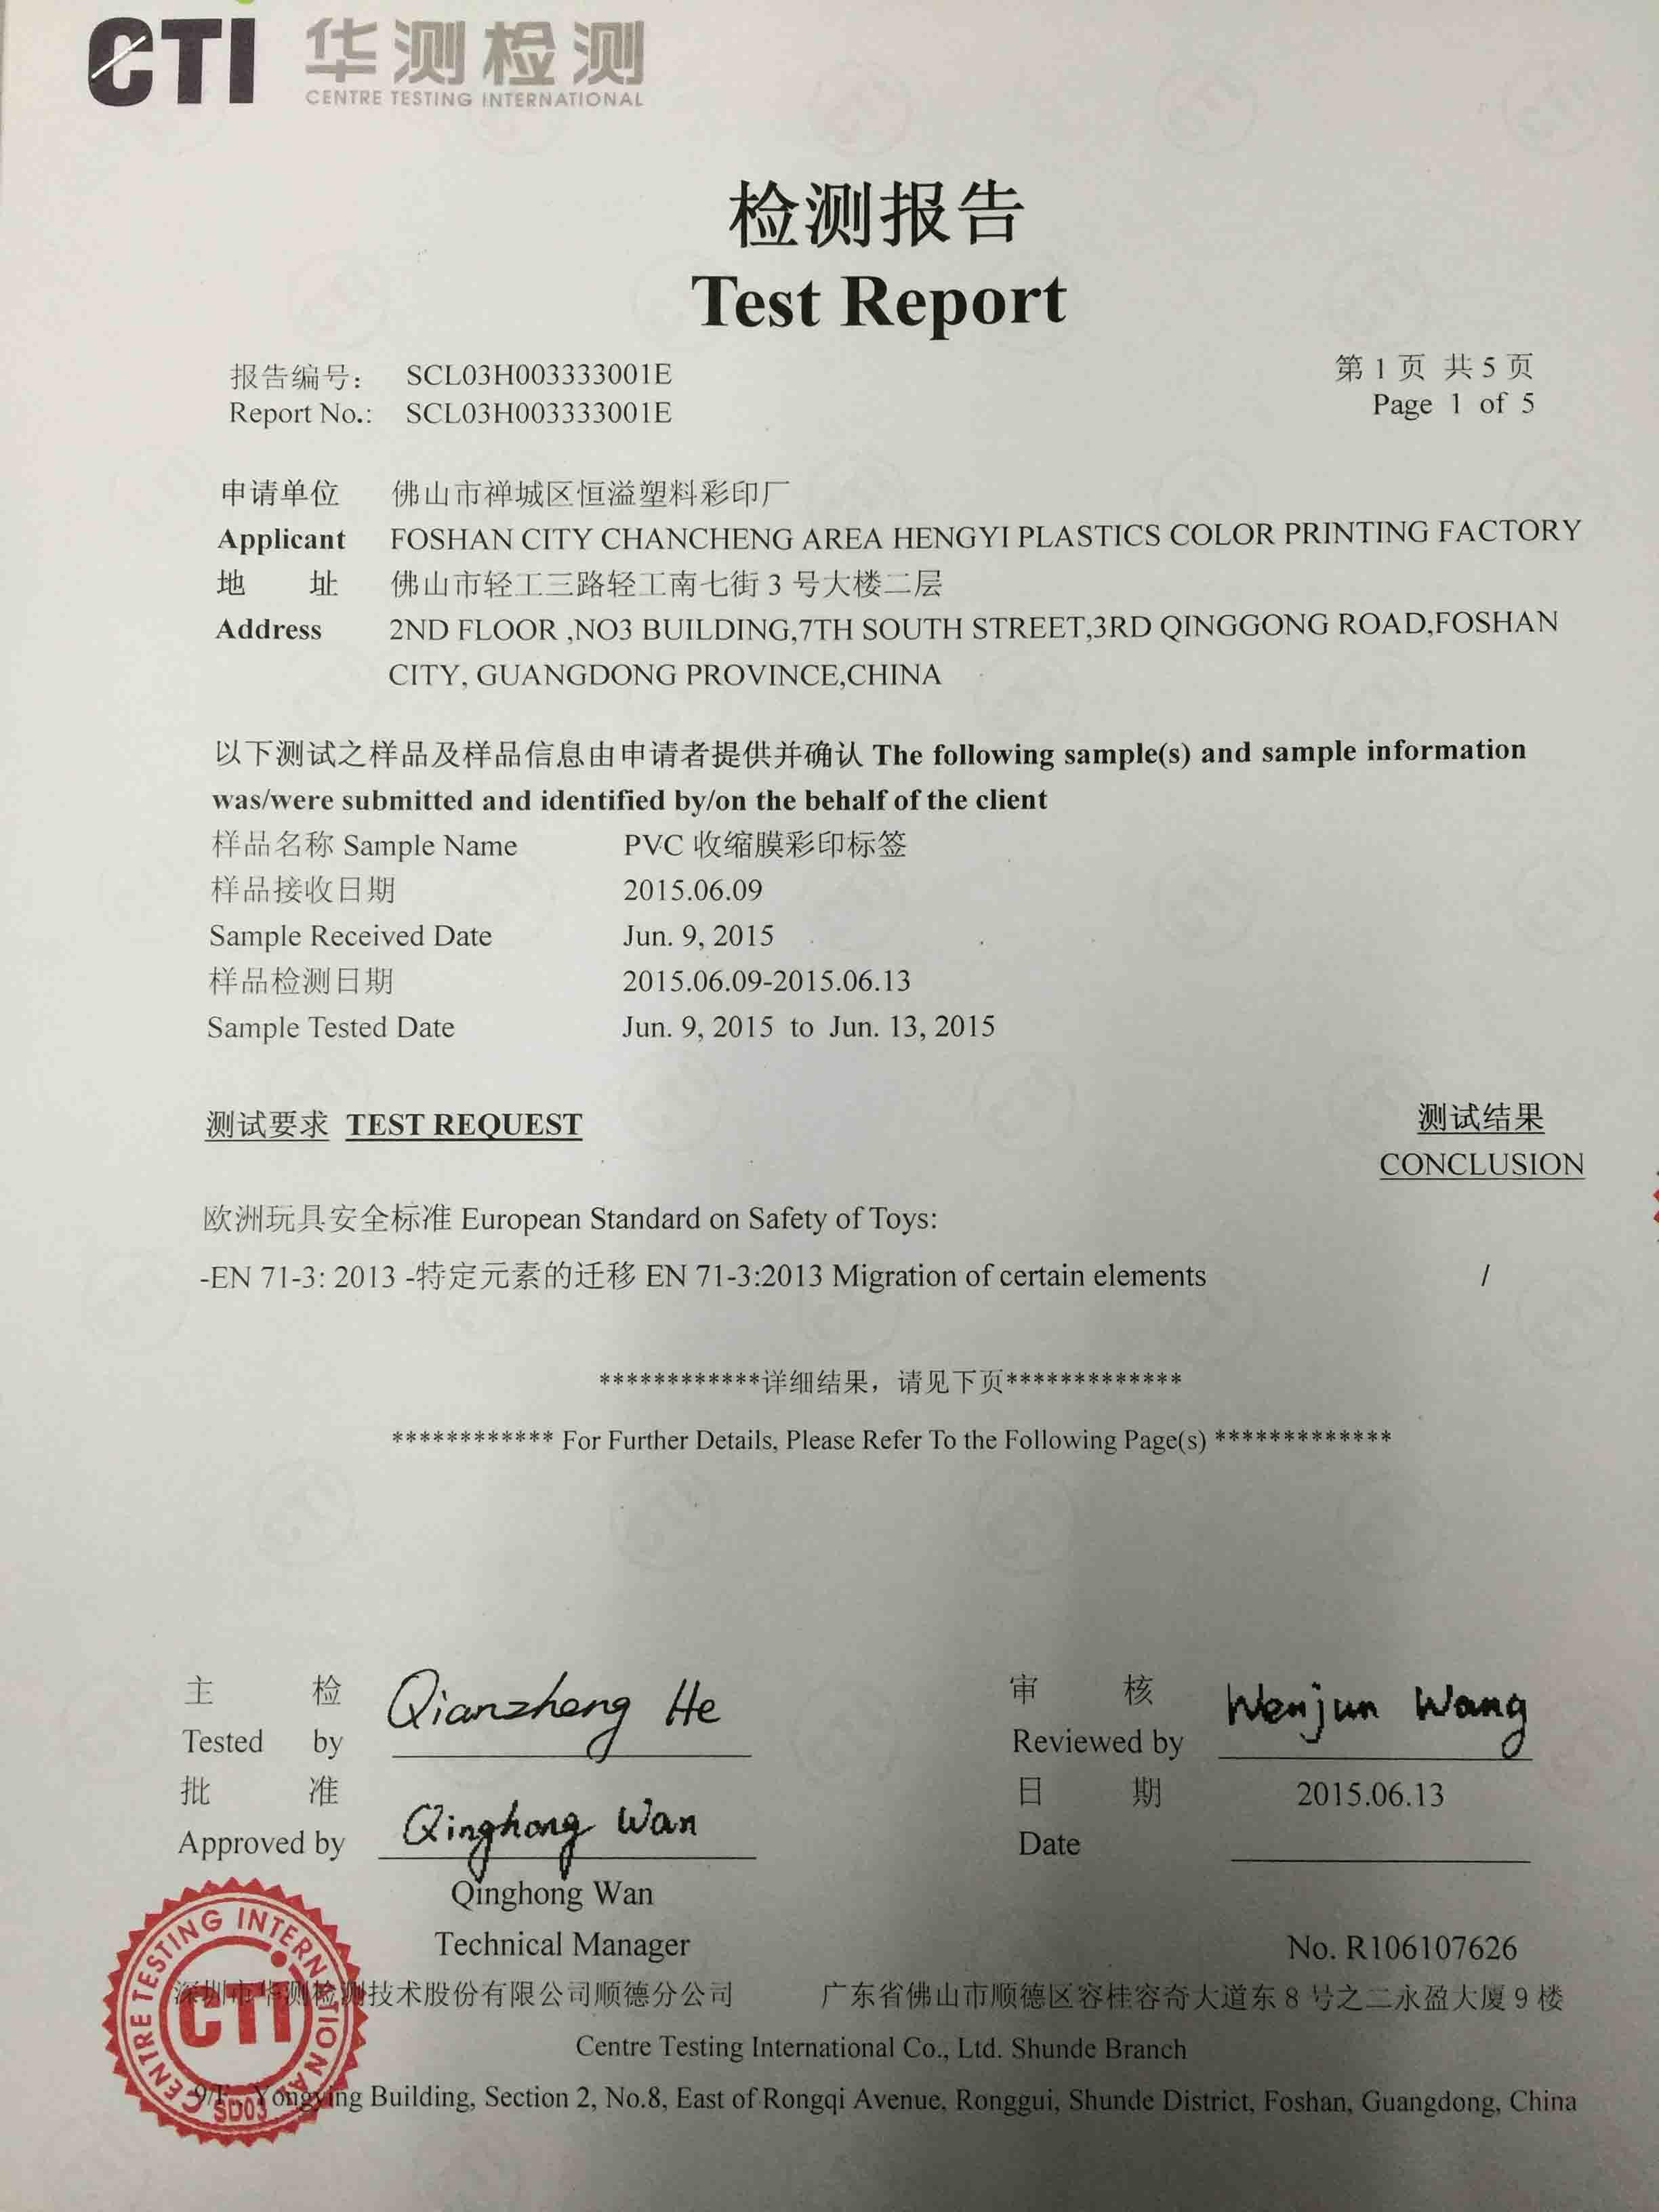 EN-71 Test Report